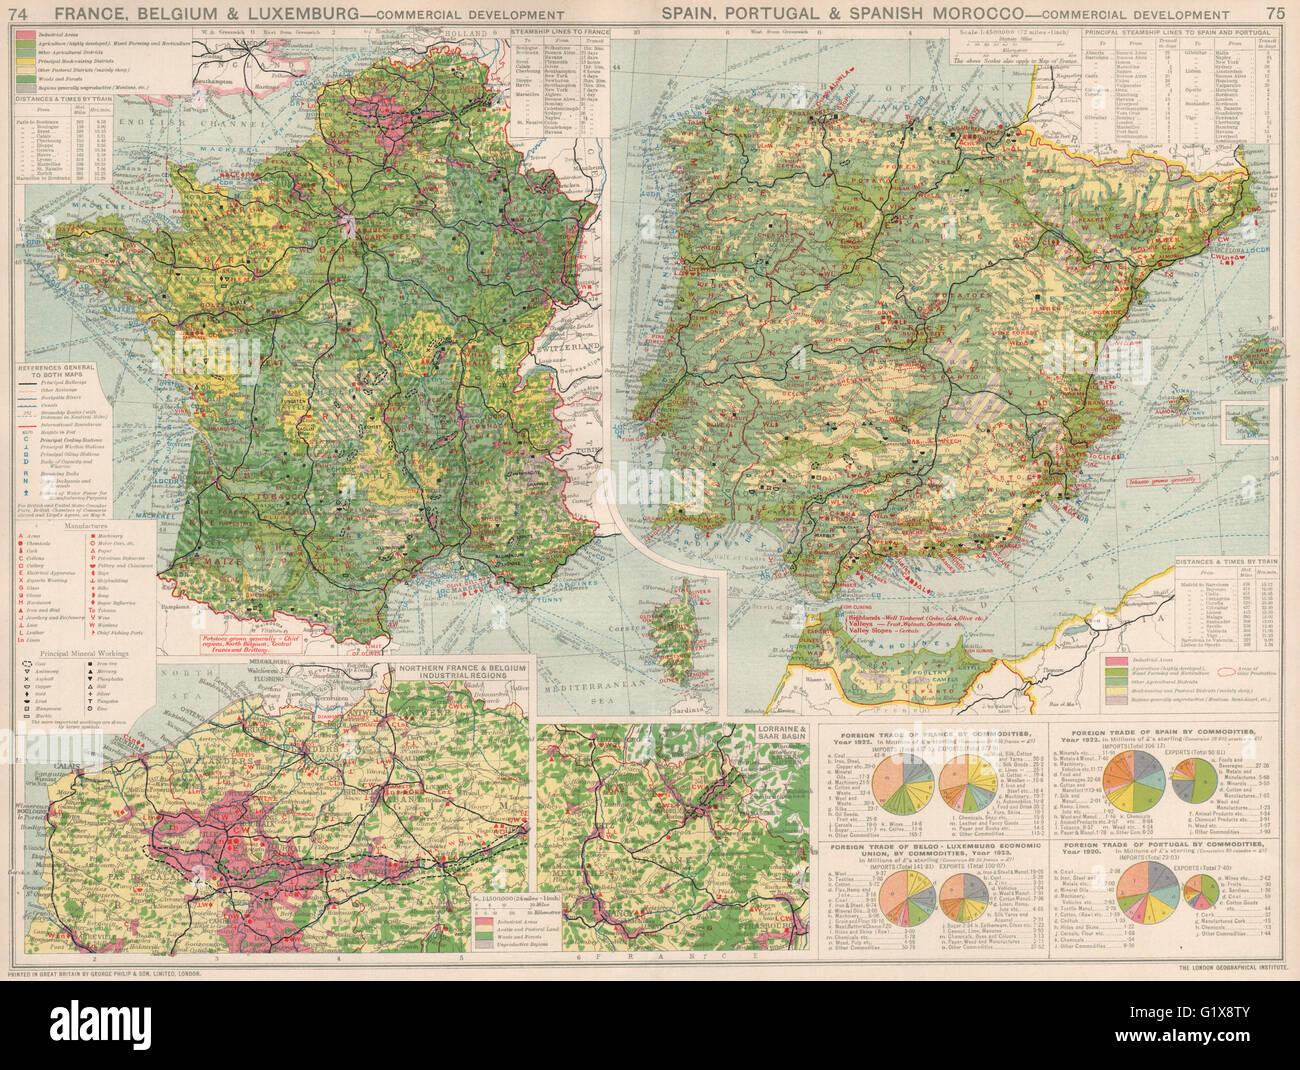 Carte Belgique Espagne.France Belgique Espagne Portugal Le Developpement